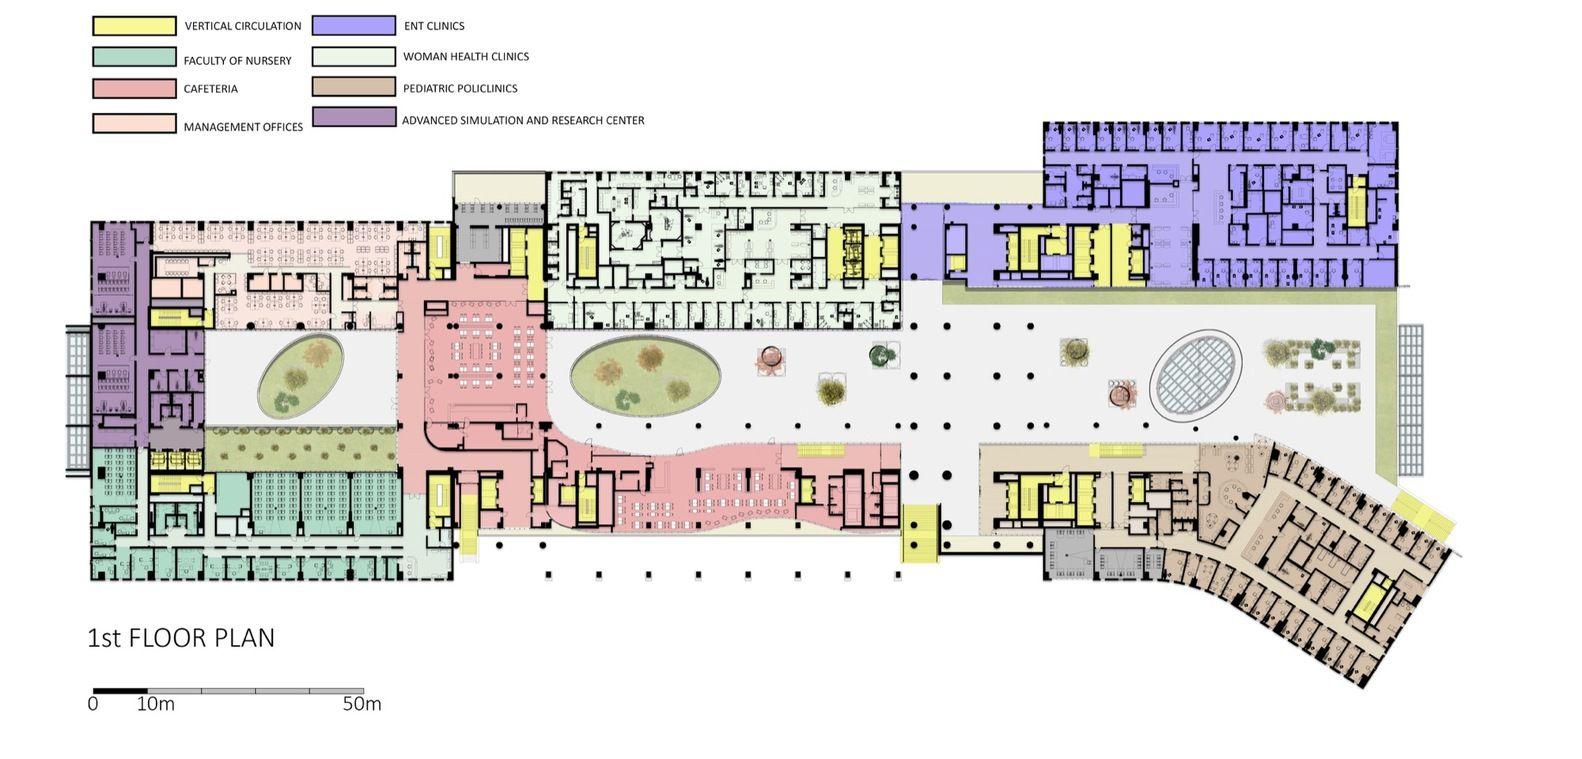 Gallery Of Koc University Medical Sciences Campus Kreatif